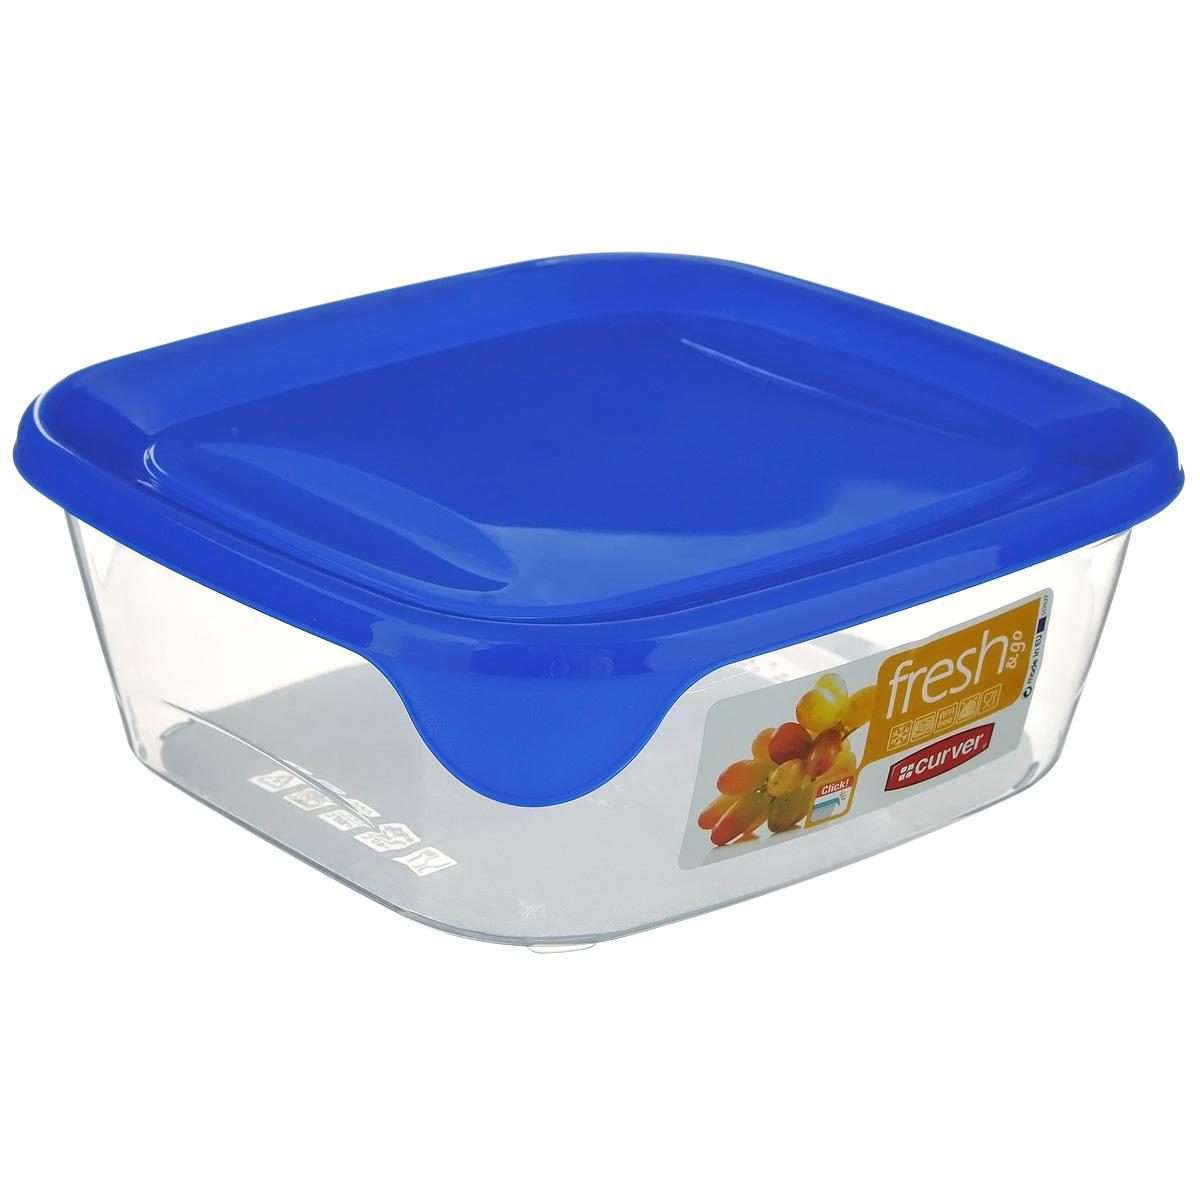 Емкость для заморозки и СВЧ Curver Fresh & Go, цвет: синий, 0,8 лVT-1520(SR)Квадратная емкость для заморозки и СВЧ Curver изготовлена из высококачественного пищевого пластика (BPA free), который выдерживает температуру от -40°С до +100°С. Стенки емкости прозрачные, а крышка цветная. Она плотно закрывается, дольше сохраняя продукты свежими и вкусными. Емкость удобно брать с собой на работу, учебу, пикник или просто использовать для хранения пищи в холодильнике. Можно использовать в микроволновой печи и для заморозки в морозильной камере. Можно мыть в посудомоечной машине.